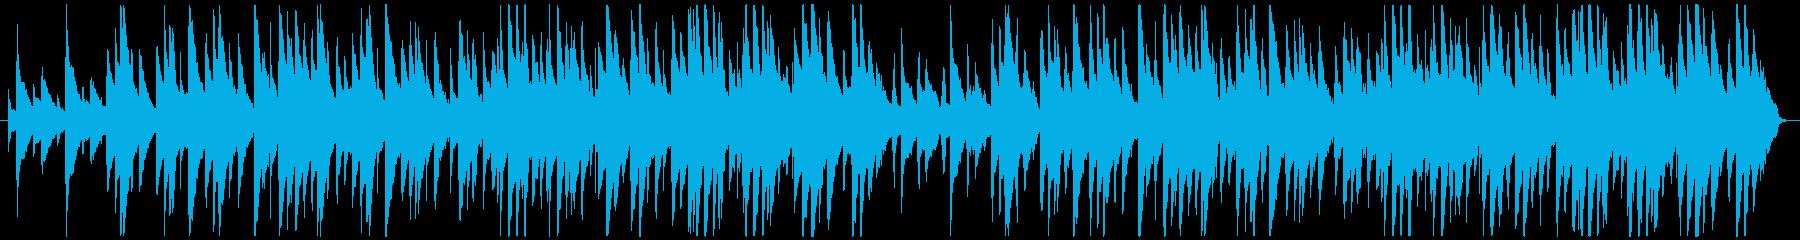 テープ録音風ピアノアンサンブルの再生済みの波形